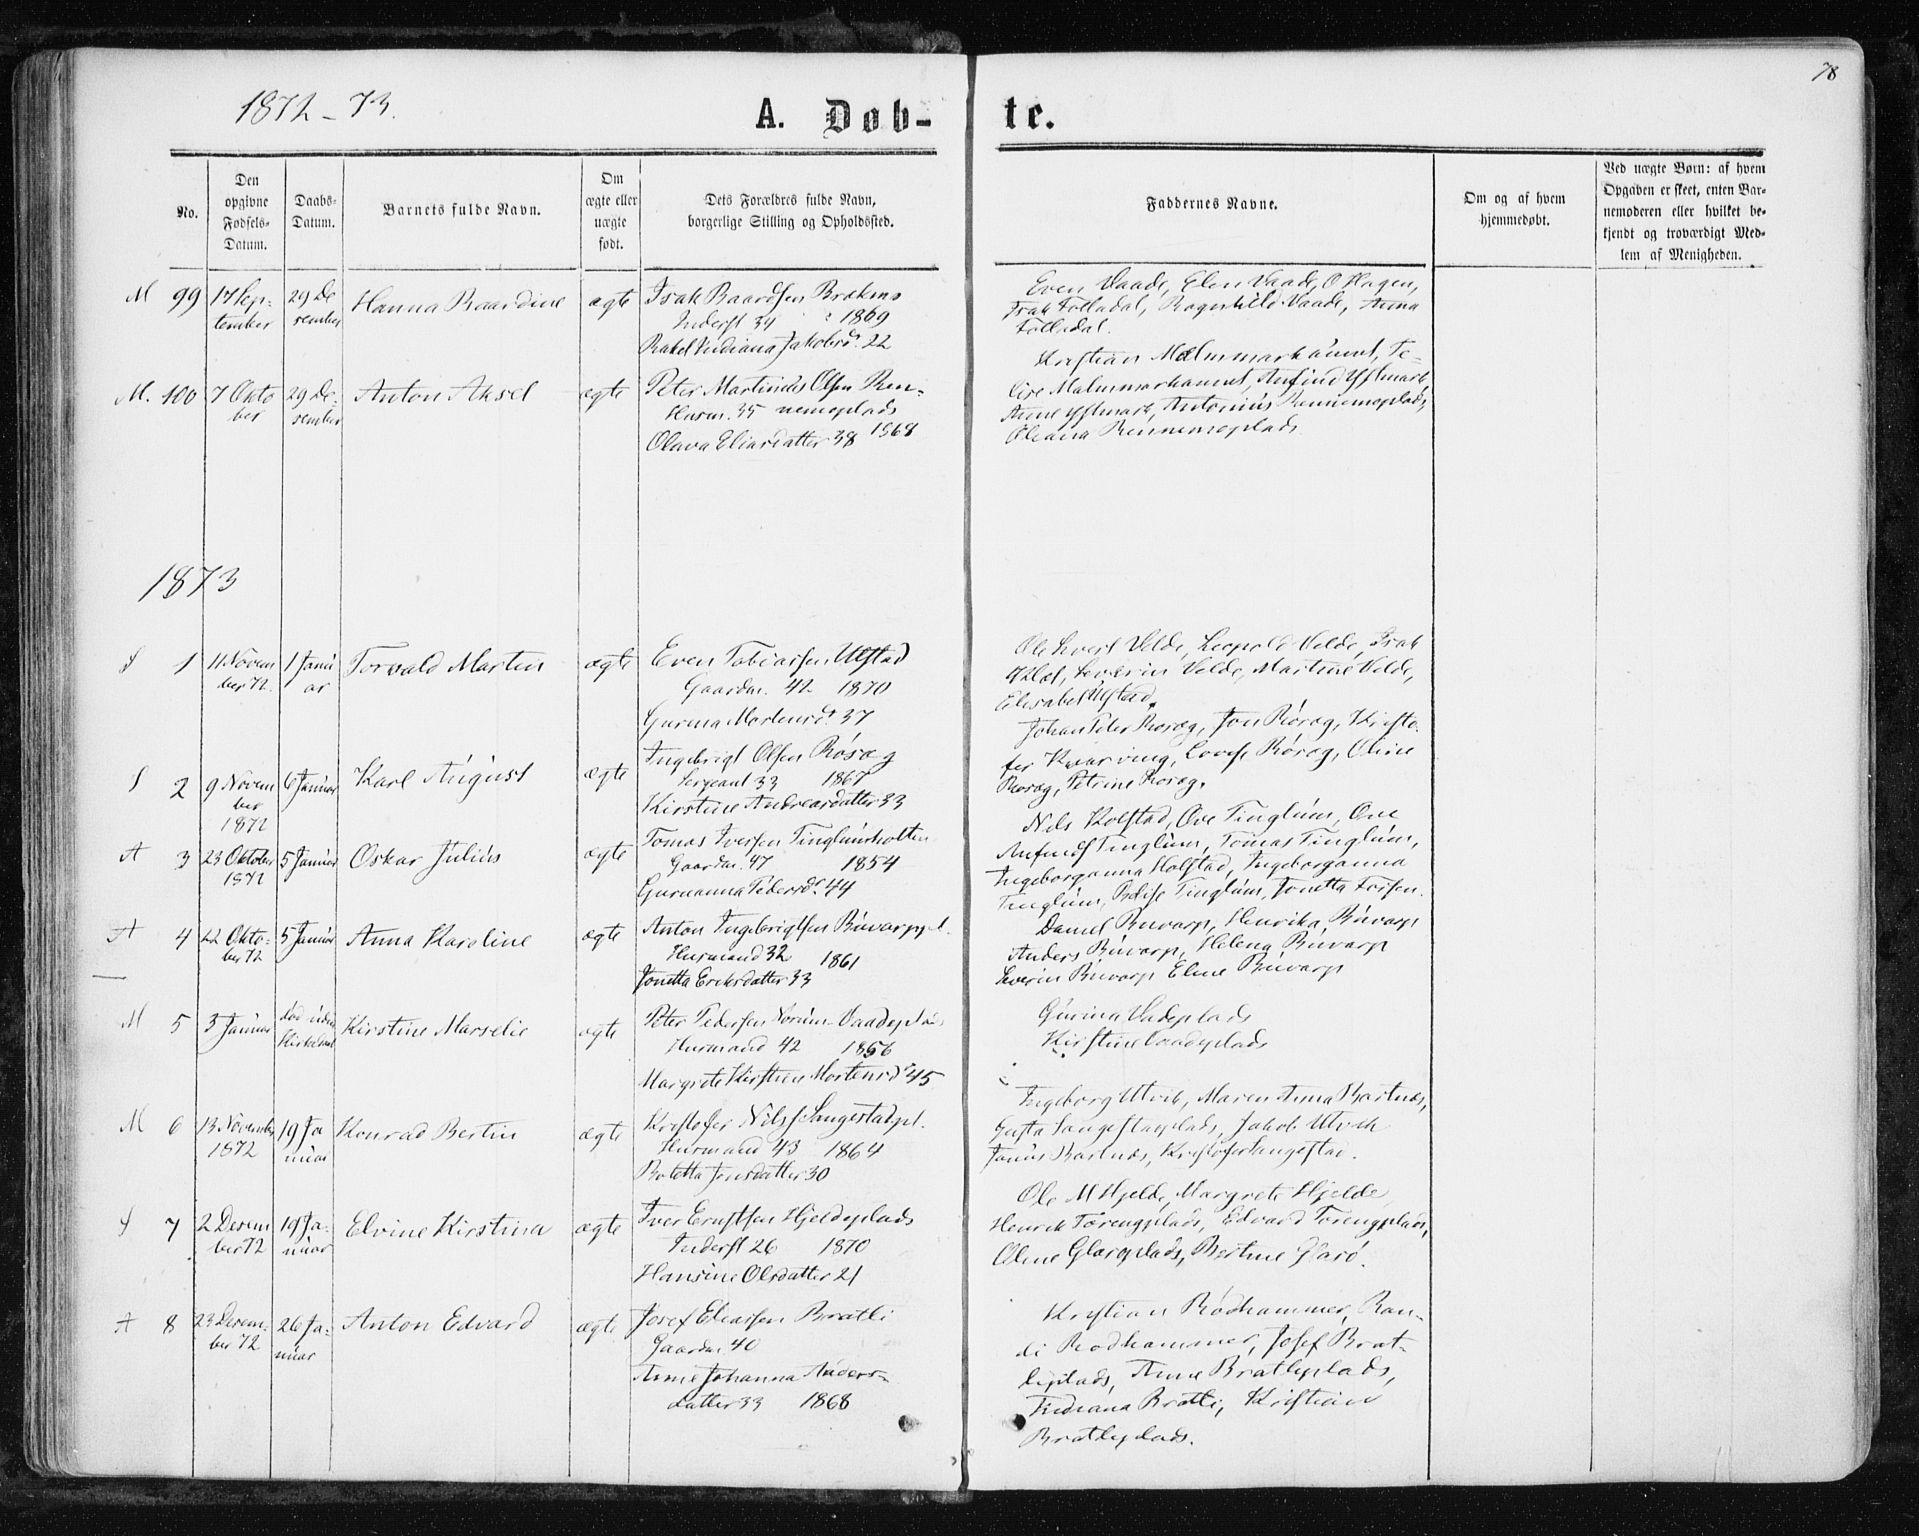 SAT, Ministerialprotokoller, klokkerbøker og fødselsregistre - Nord-Trøndelag, 741/L0394: Ministerialbok nr. 741A08, 1864-1877, s. 78